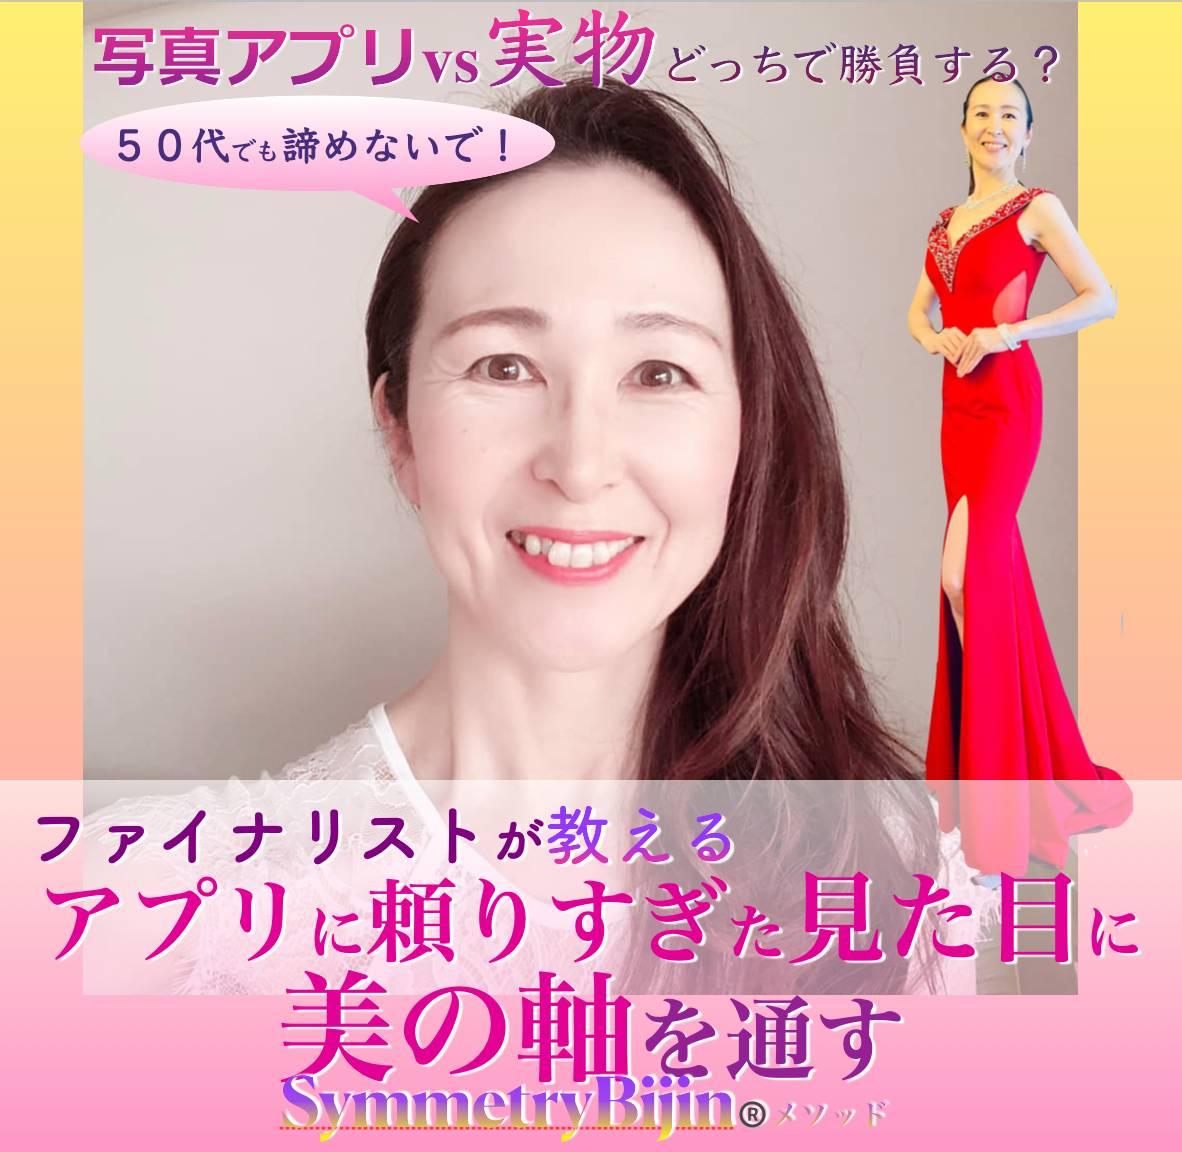 嶋崎明美さんcp2応援画像.png